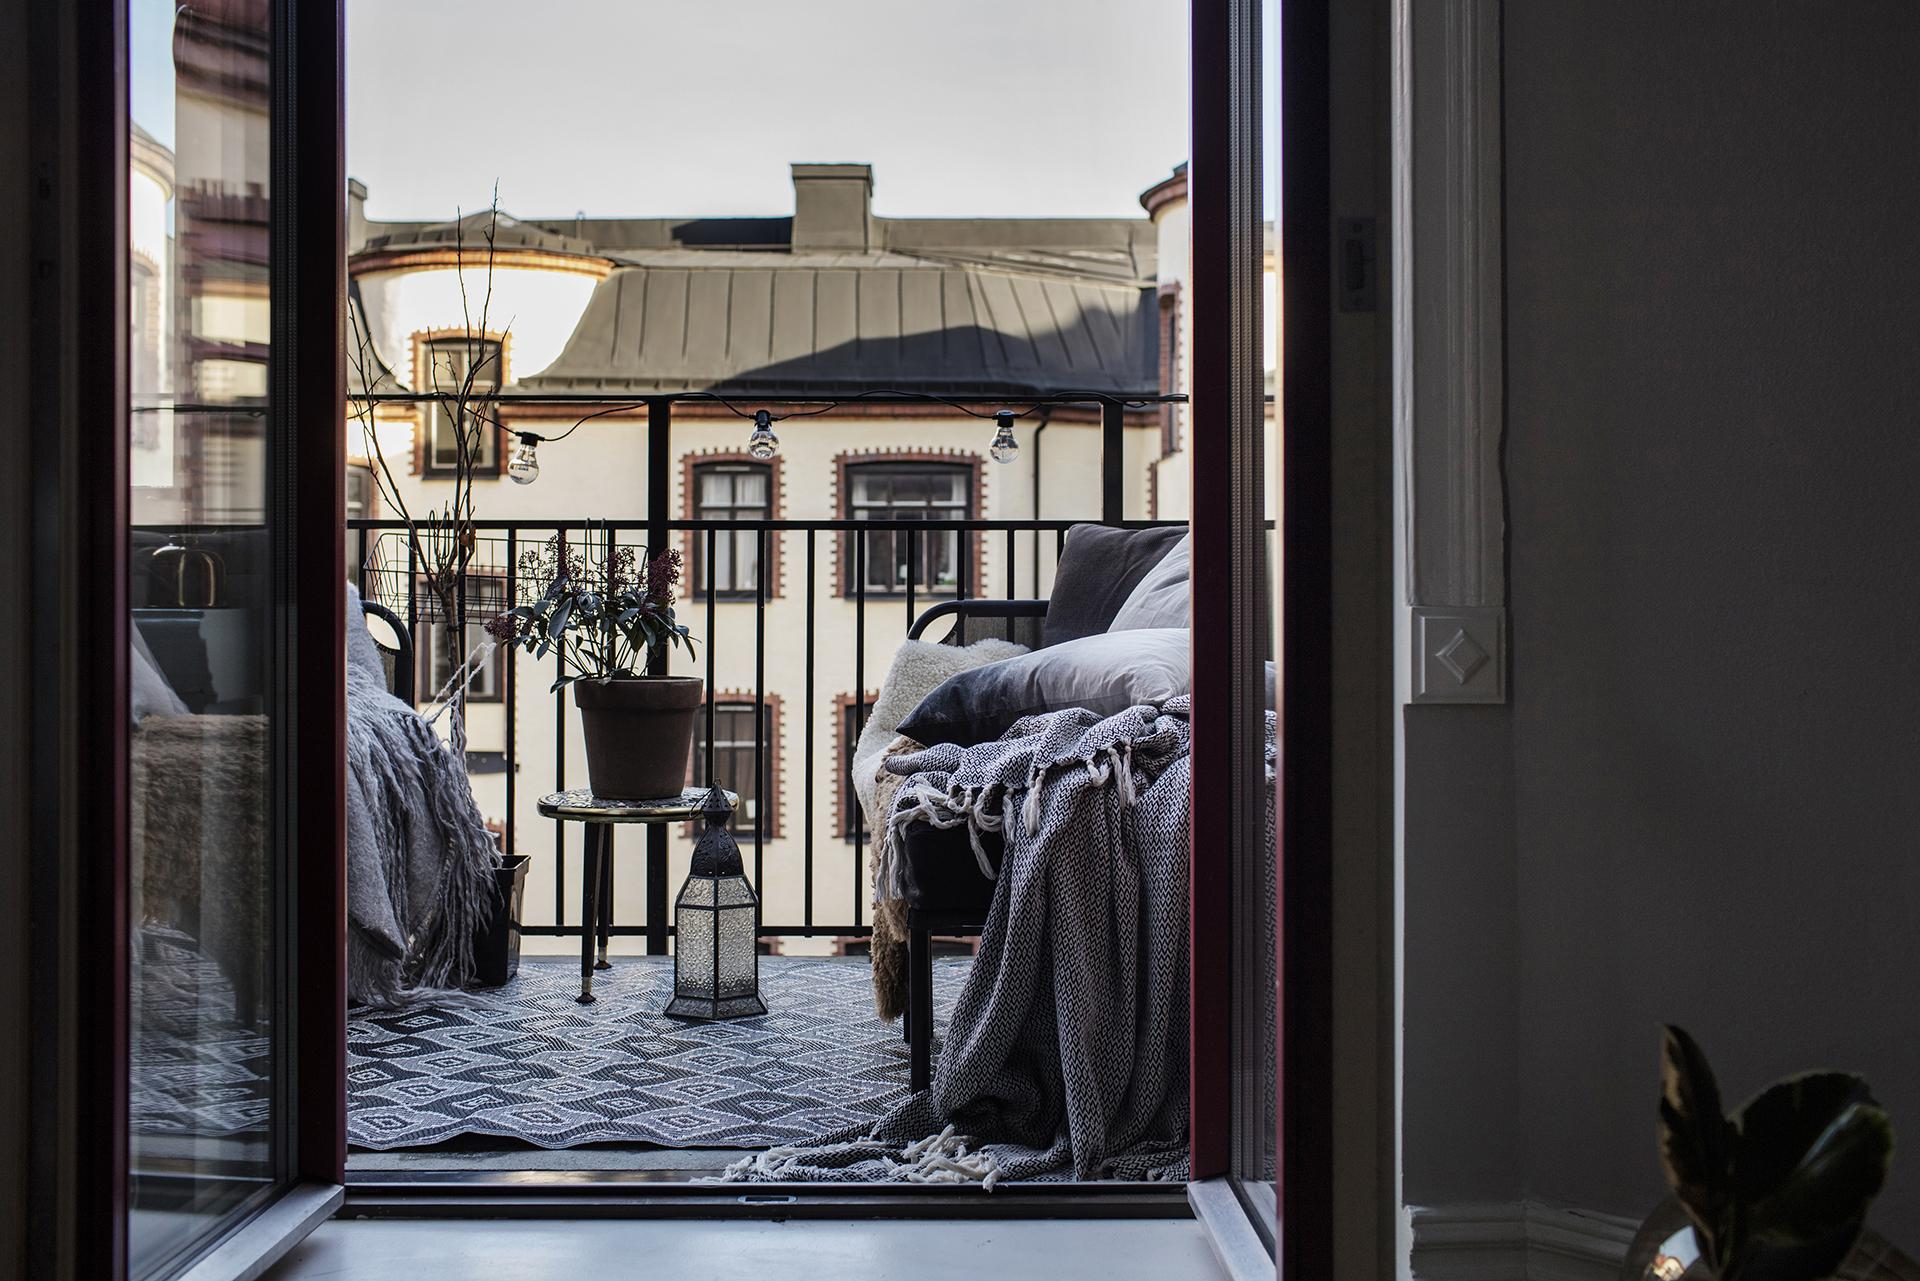 kleine-knusse-balkon-is-perfect-zowel-zomer-als-winter